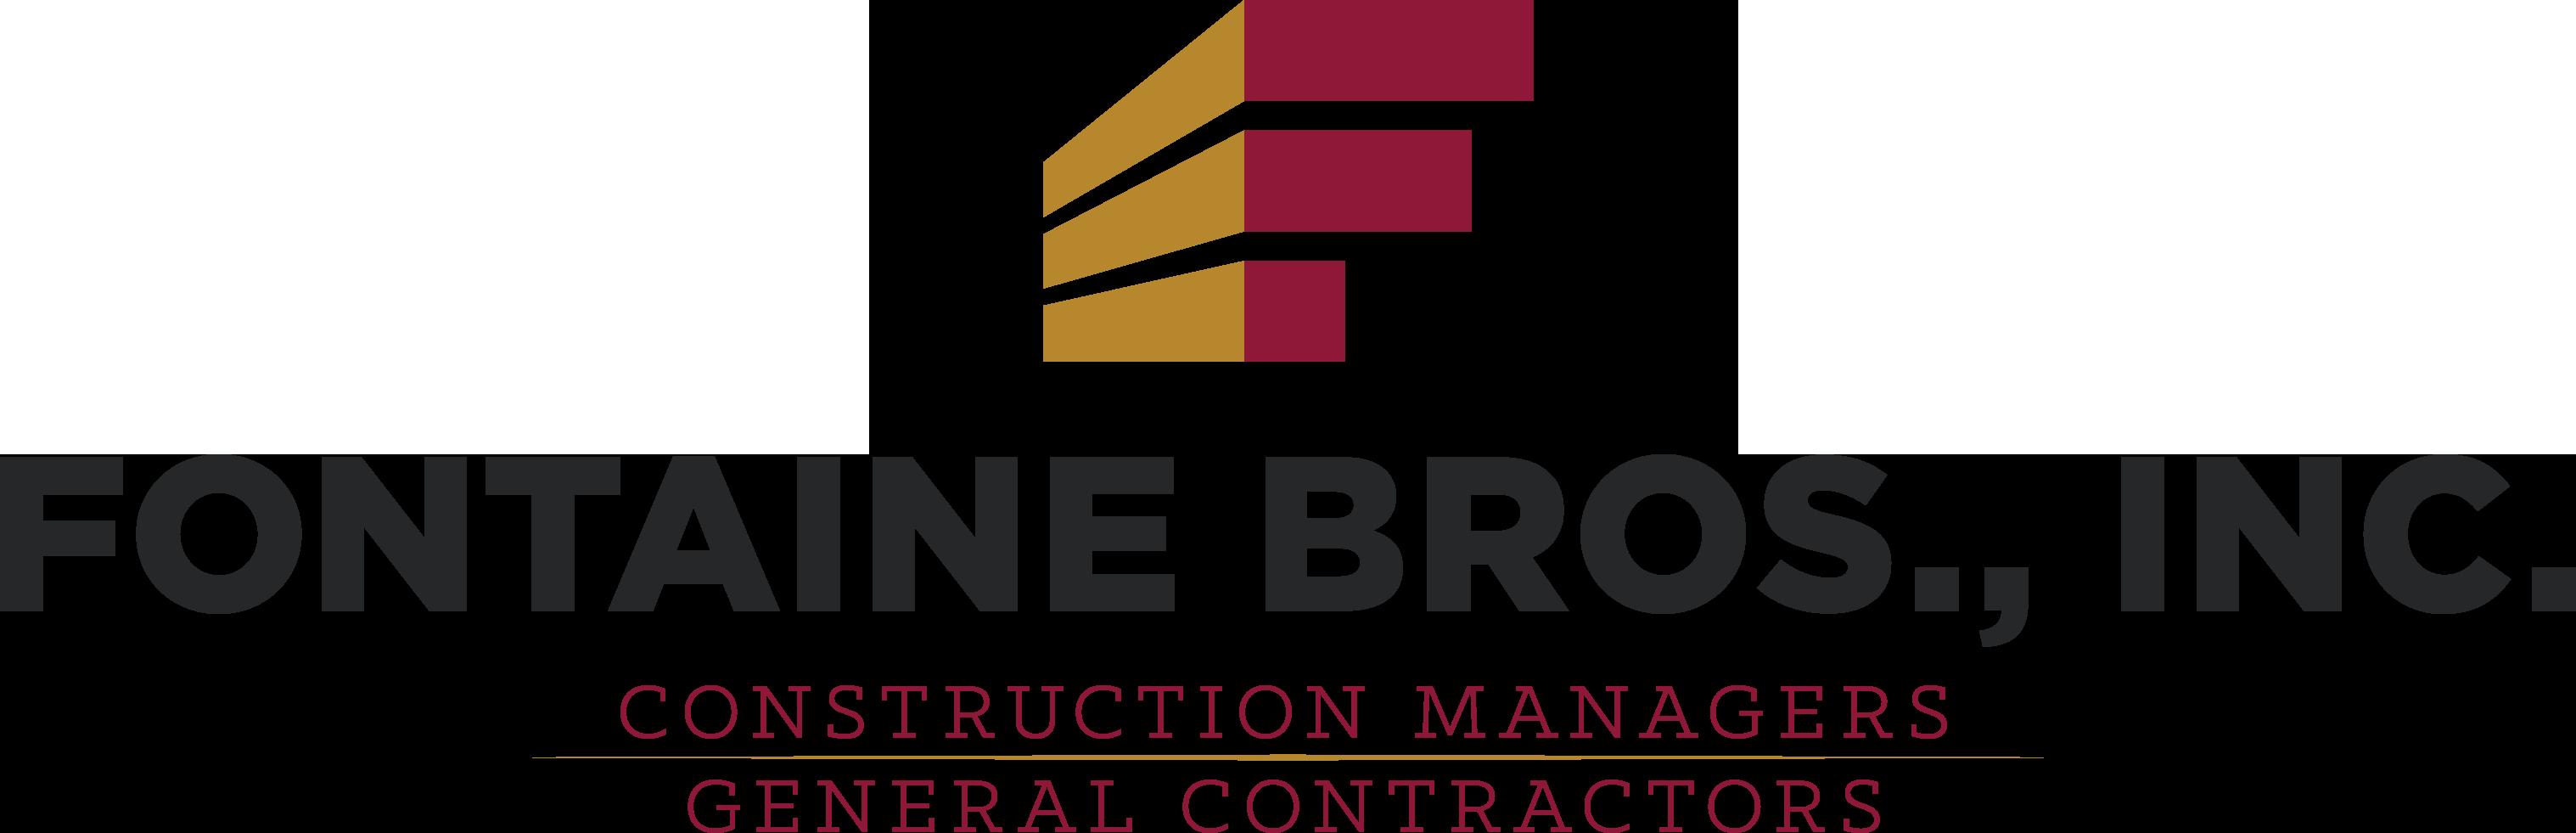 Fontaine Bros., Inc logo